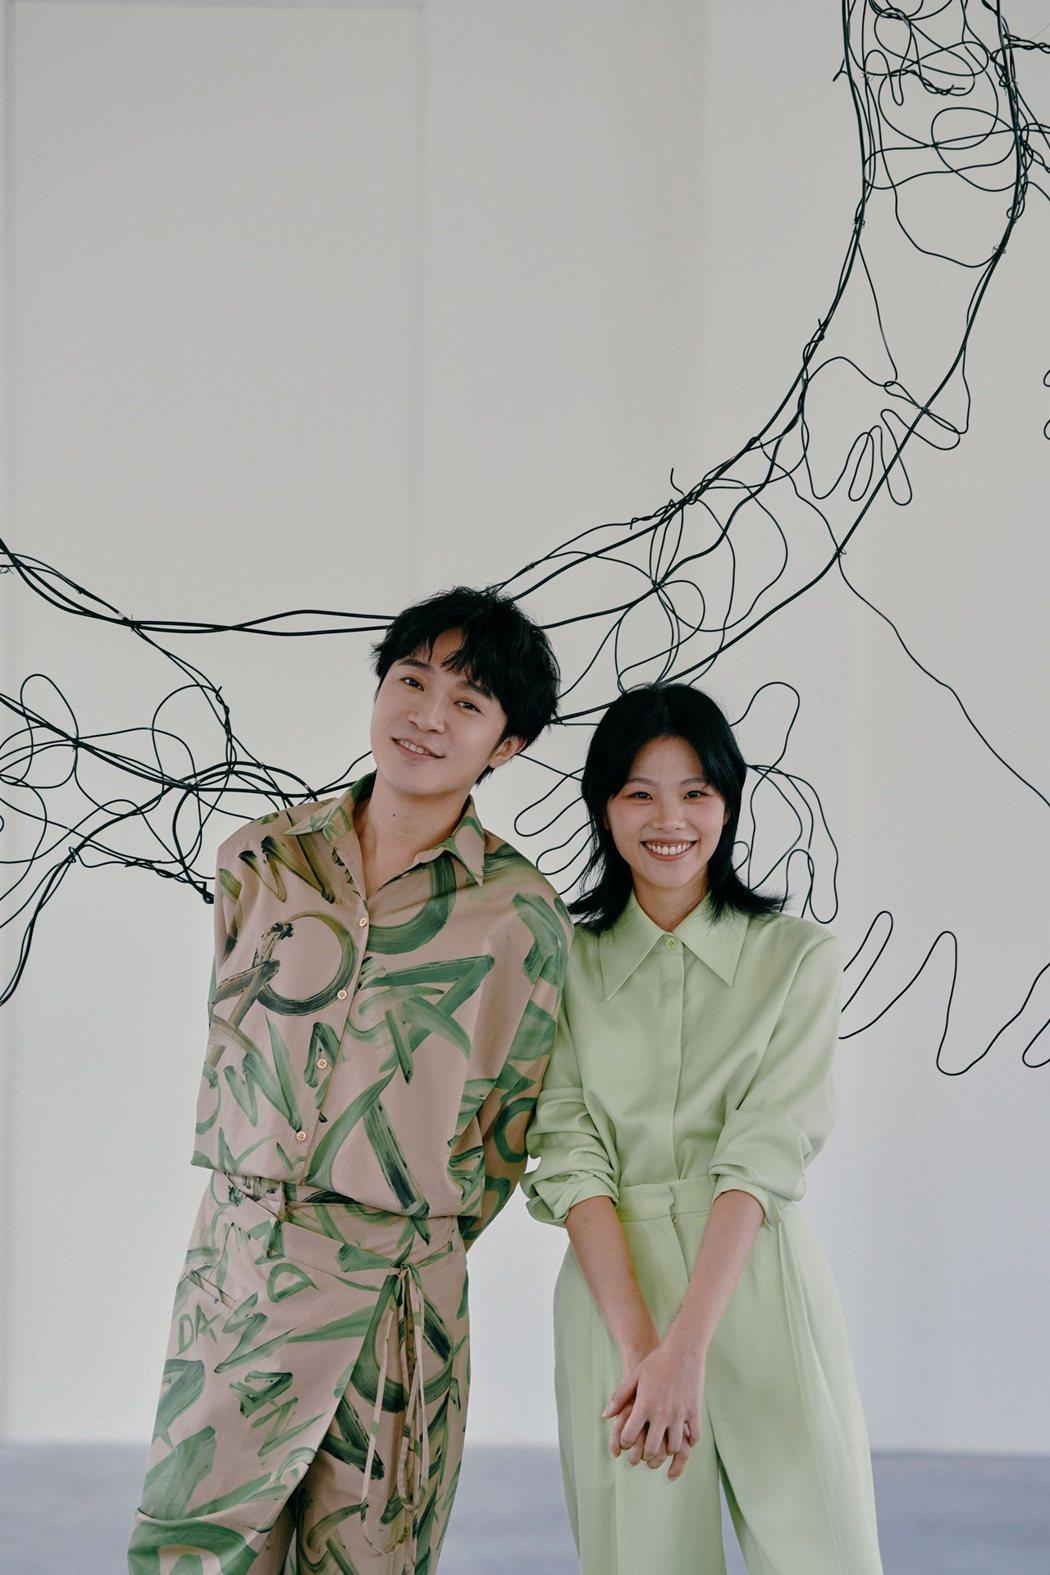 柯泯薰(右)新歌「另個時空的你」邀來吳青峰合唱。圖/洗耳恭聽提供